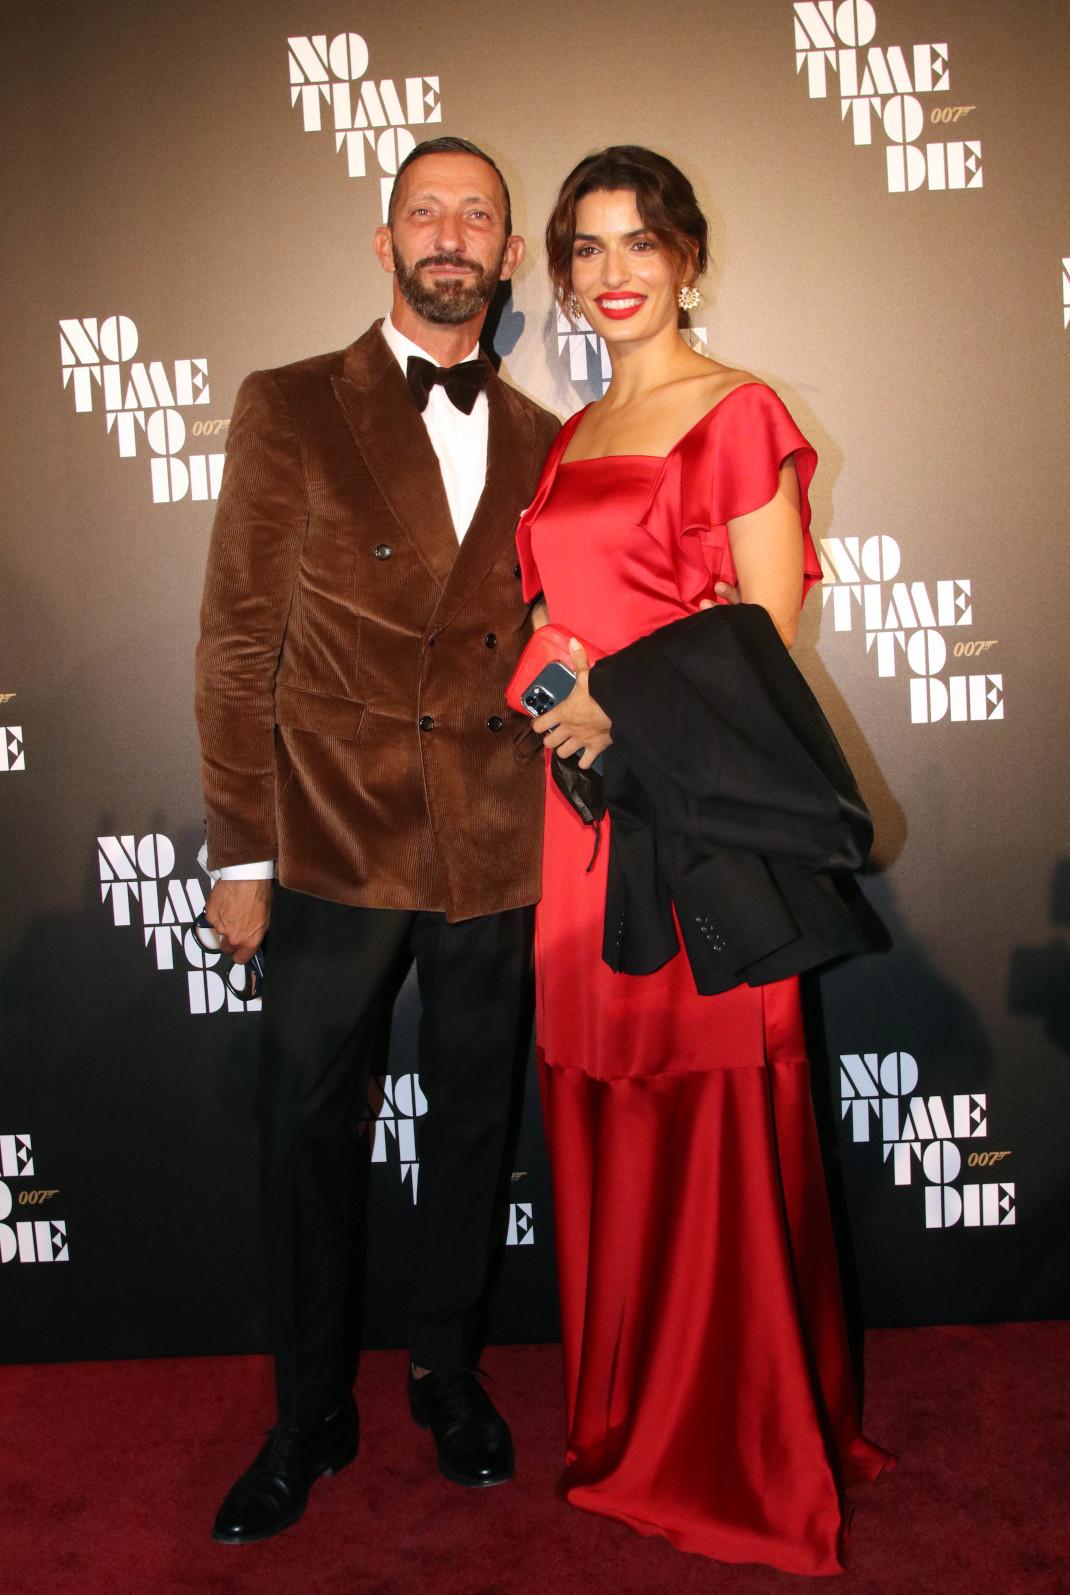 Η Τόνια Σωτηροπούλου ντυμένη στα κόκκινα